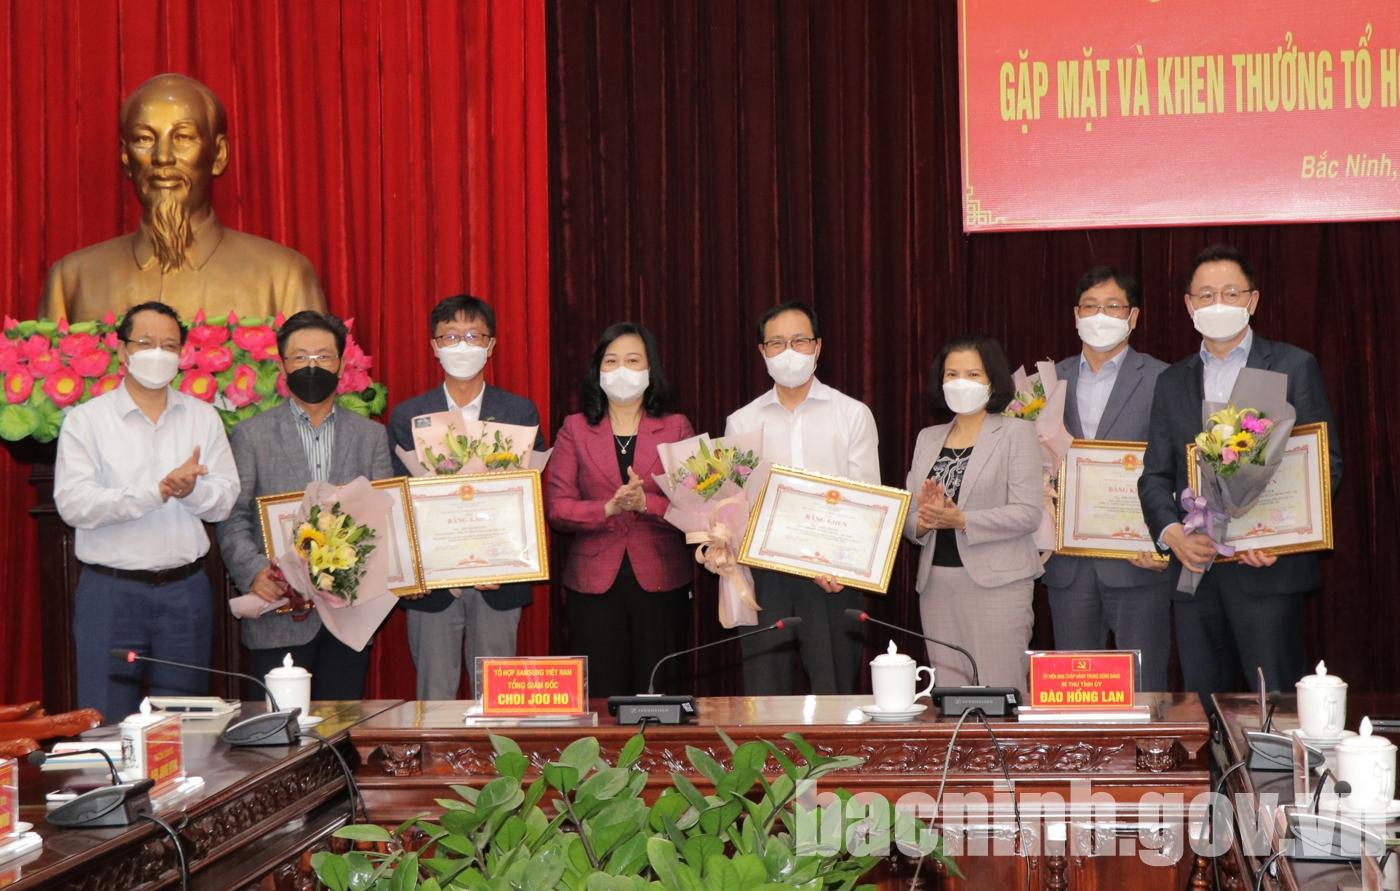 Lãnh đạo tỉnh gặp mặt và khen thưởng Tổ hợp Samsung Việt Nam